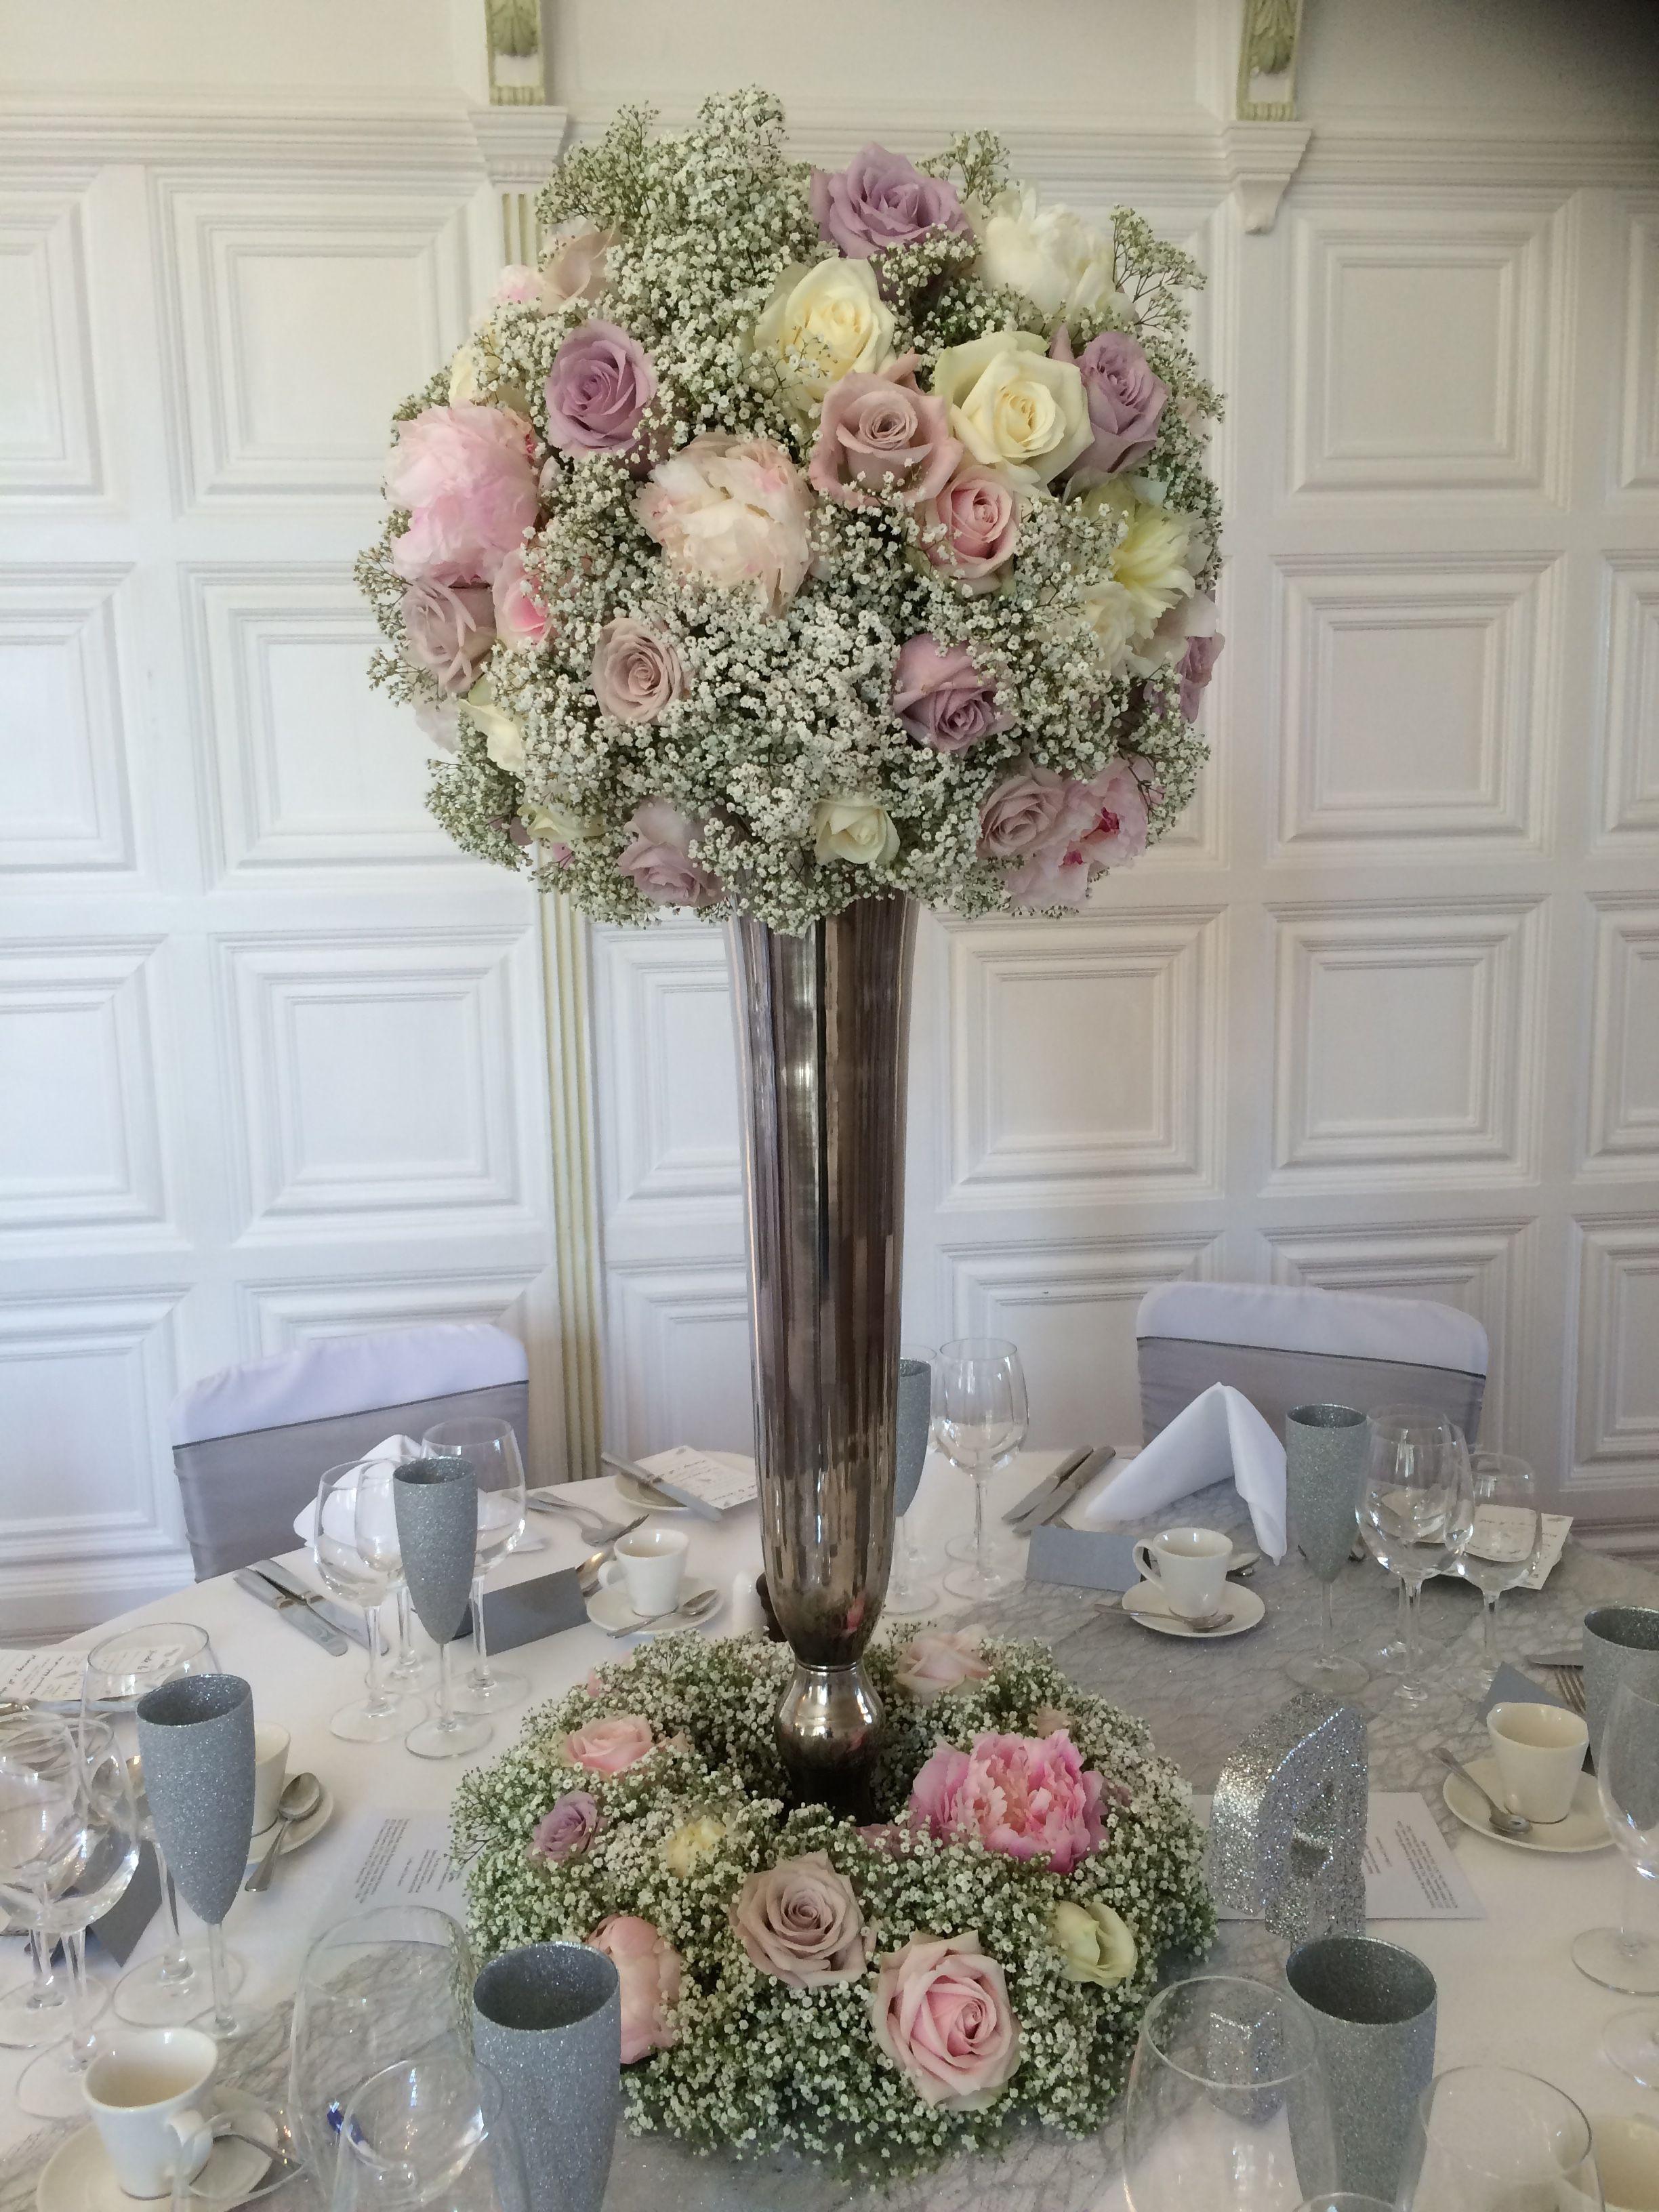 Soft Gypsophila Roses Svatebni Kytka Pinterest Wedding